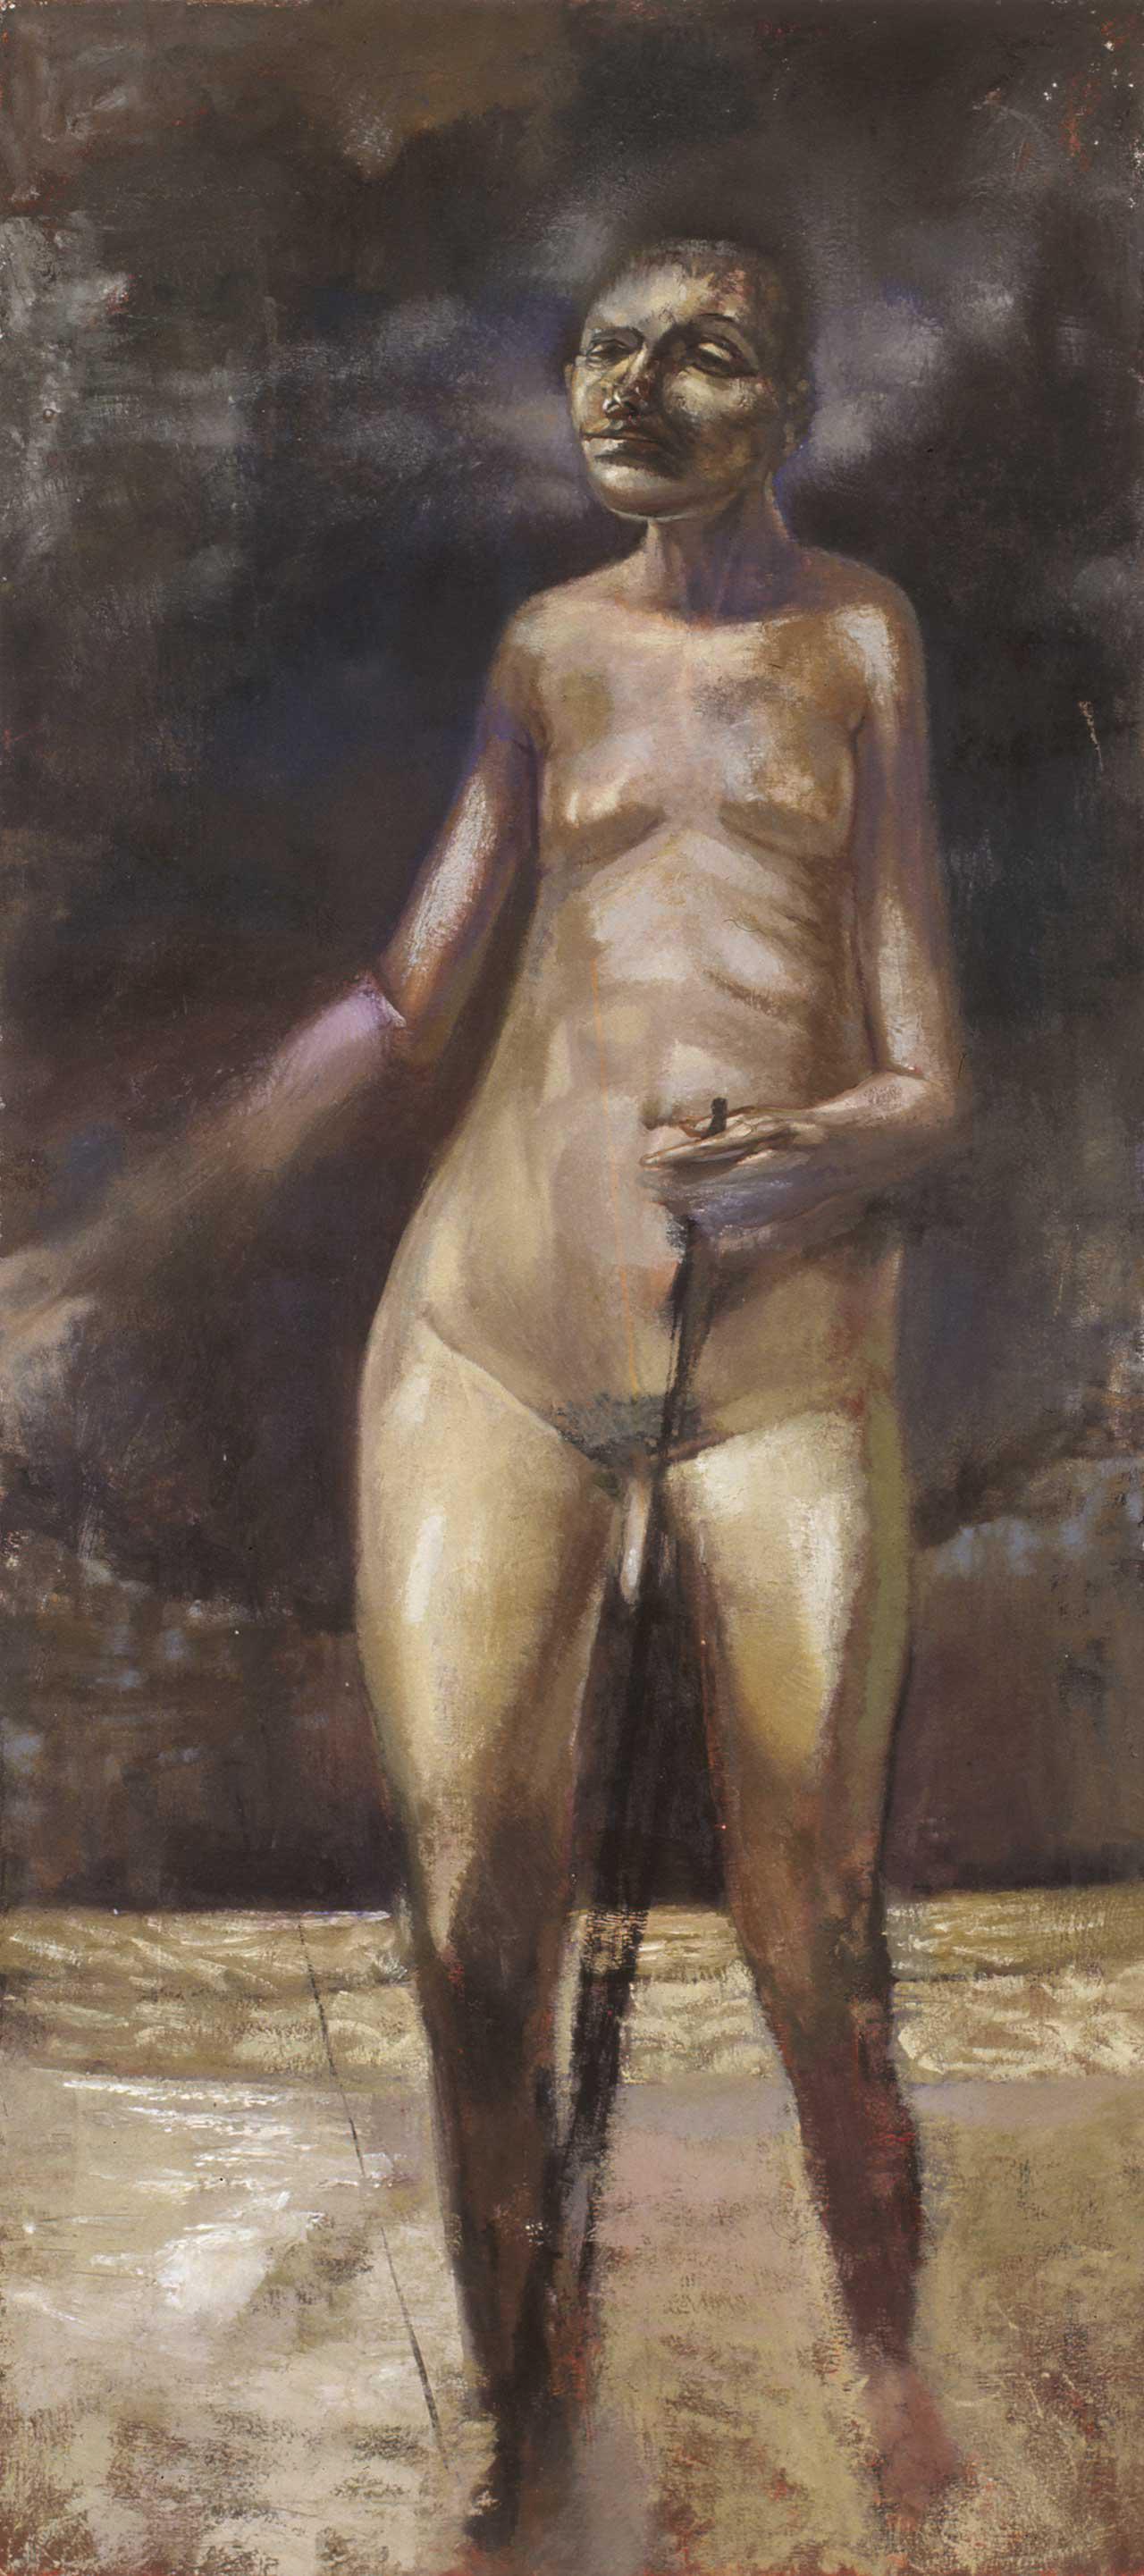 Στεατοπυγής νέος, 1994, λάδι σε καμβά, 135x60 εκ.